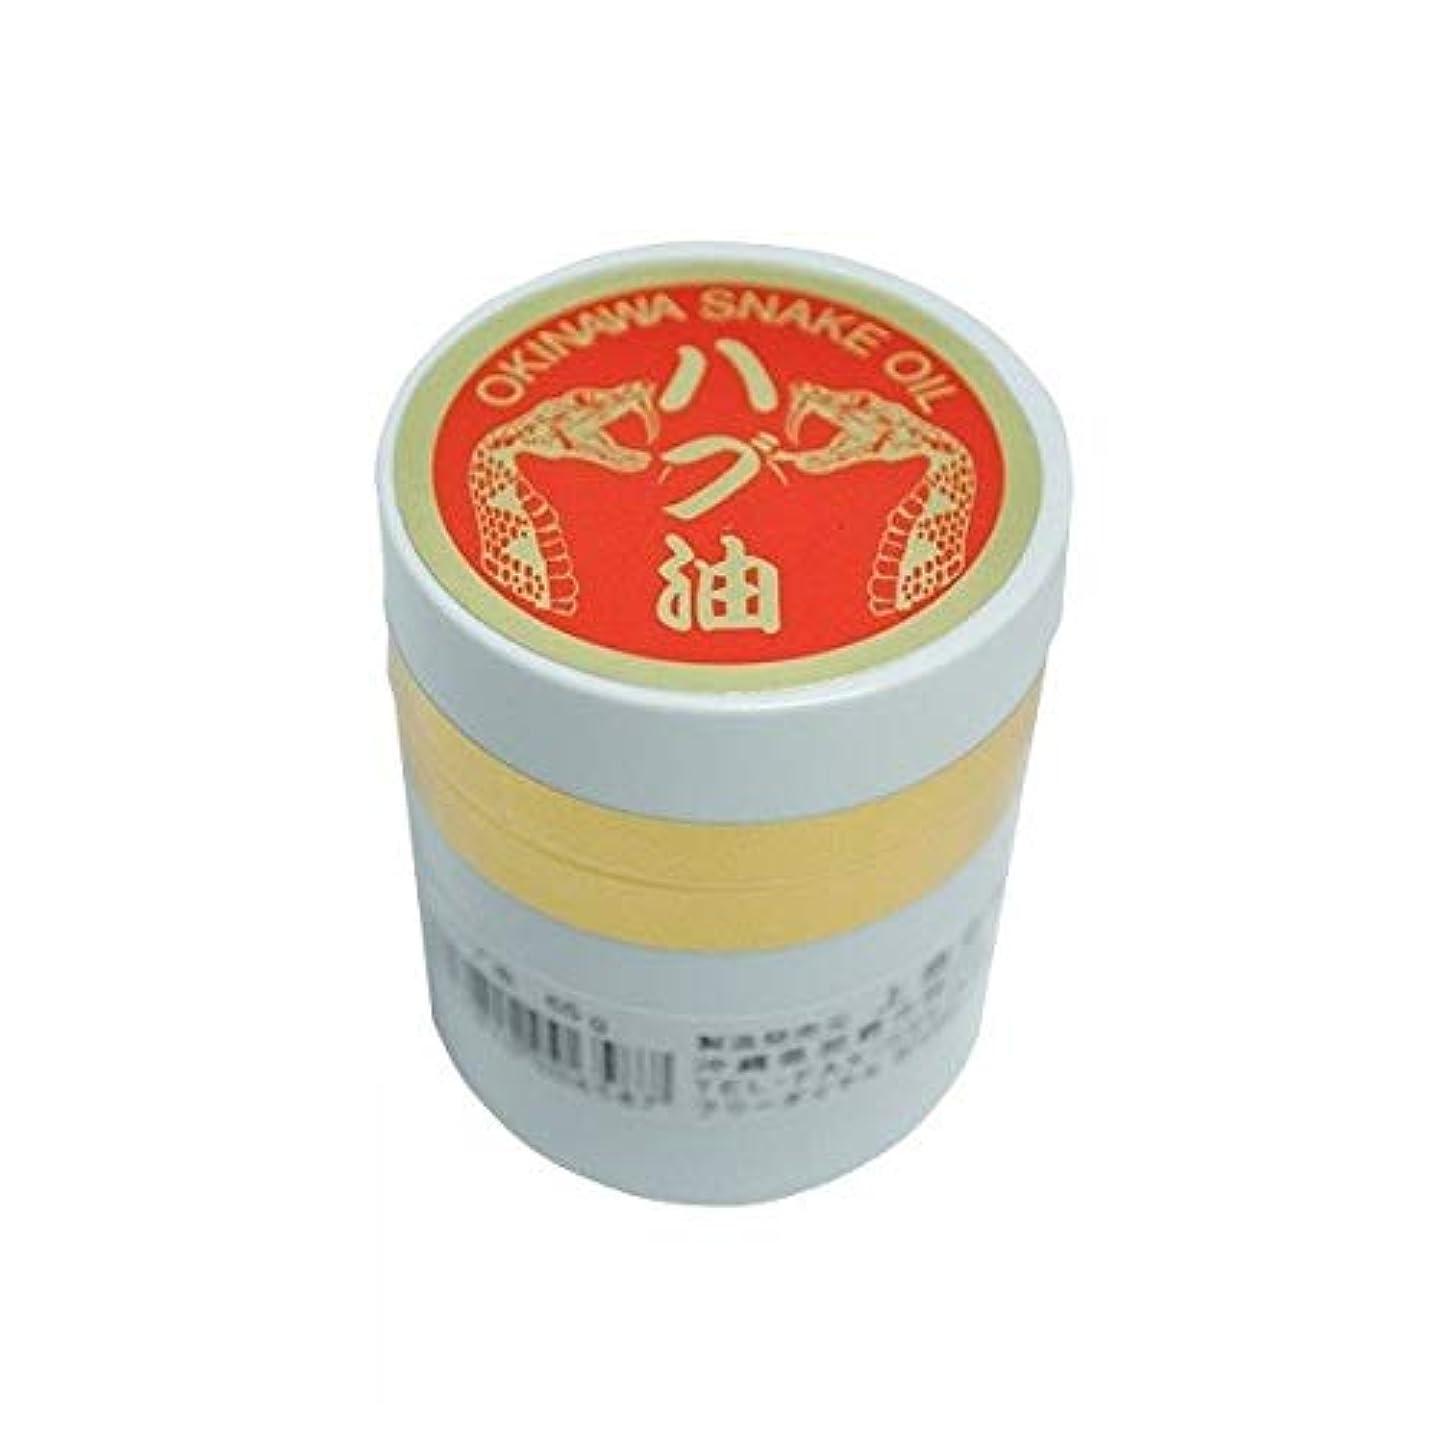 する種類だます沖縄産 ハブ油 65g 軟膏タイプ